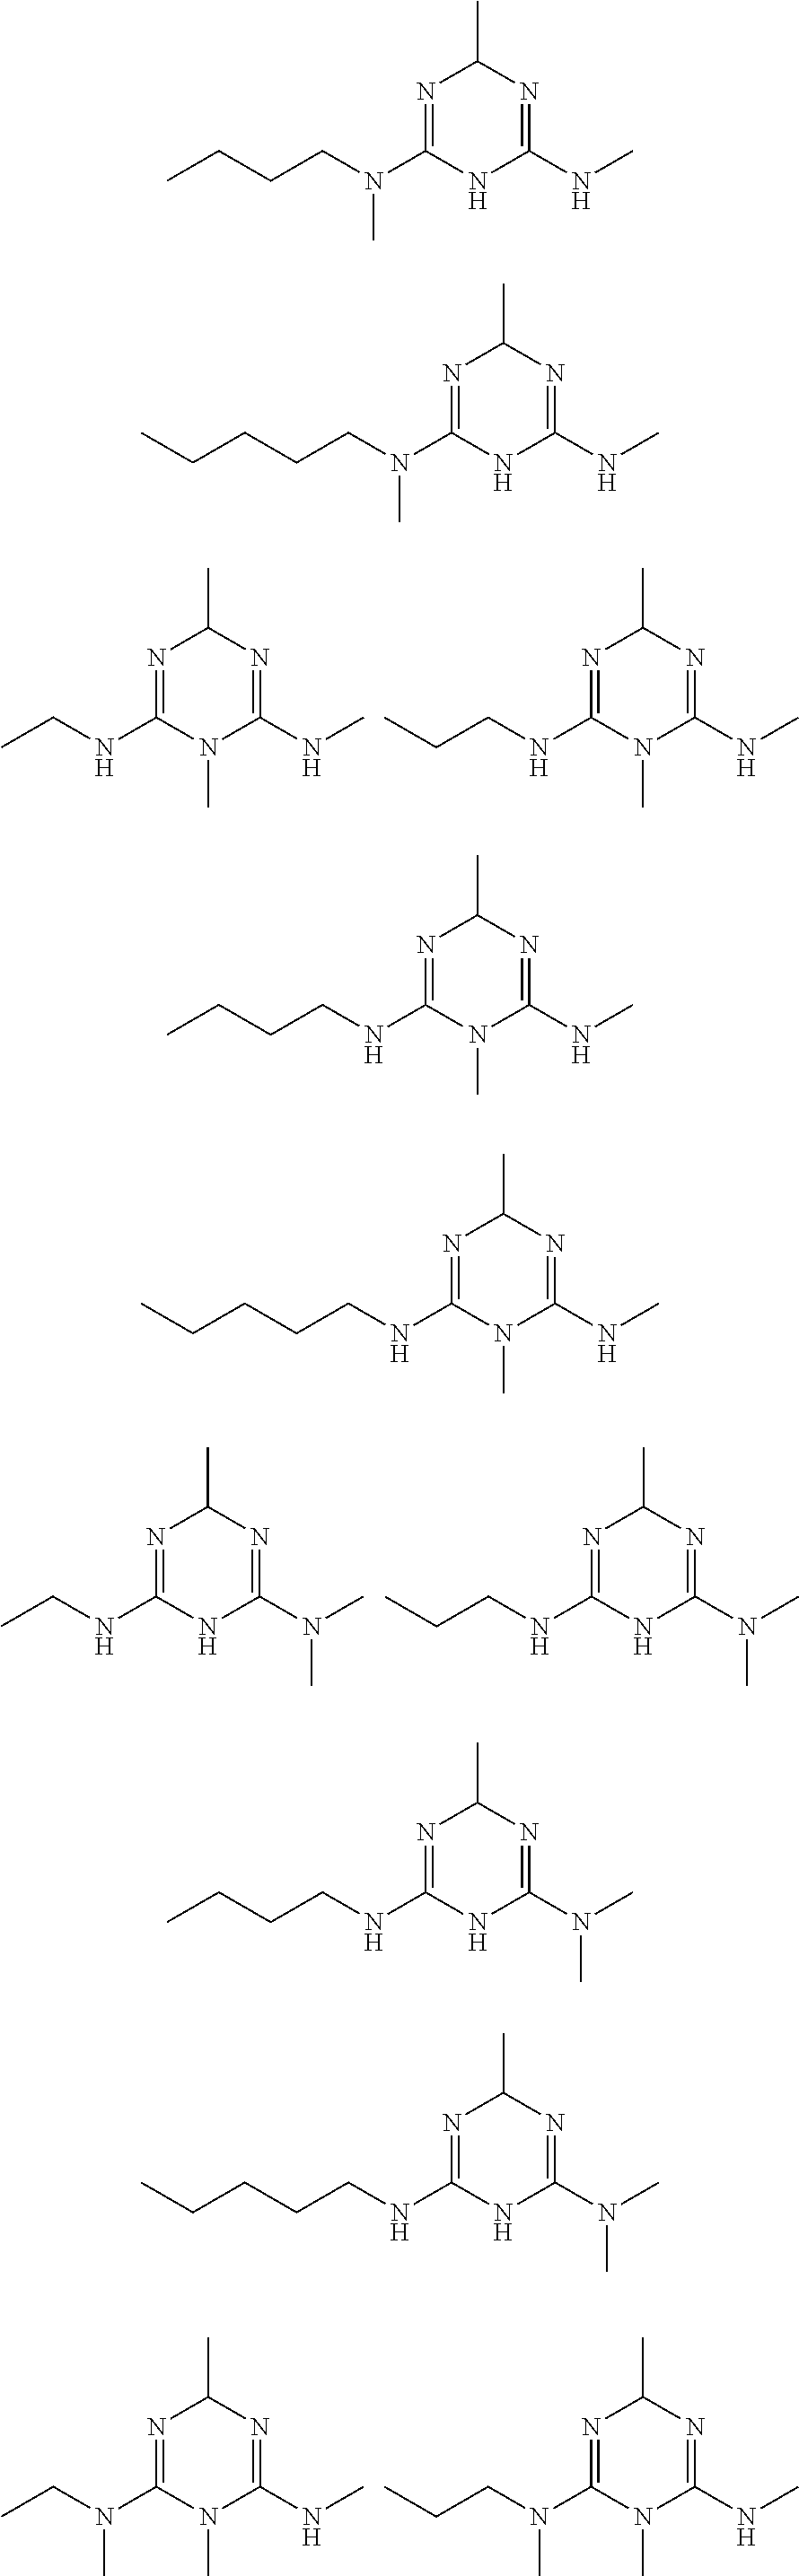 Figure US09480663-20161101-C00167